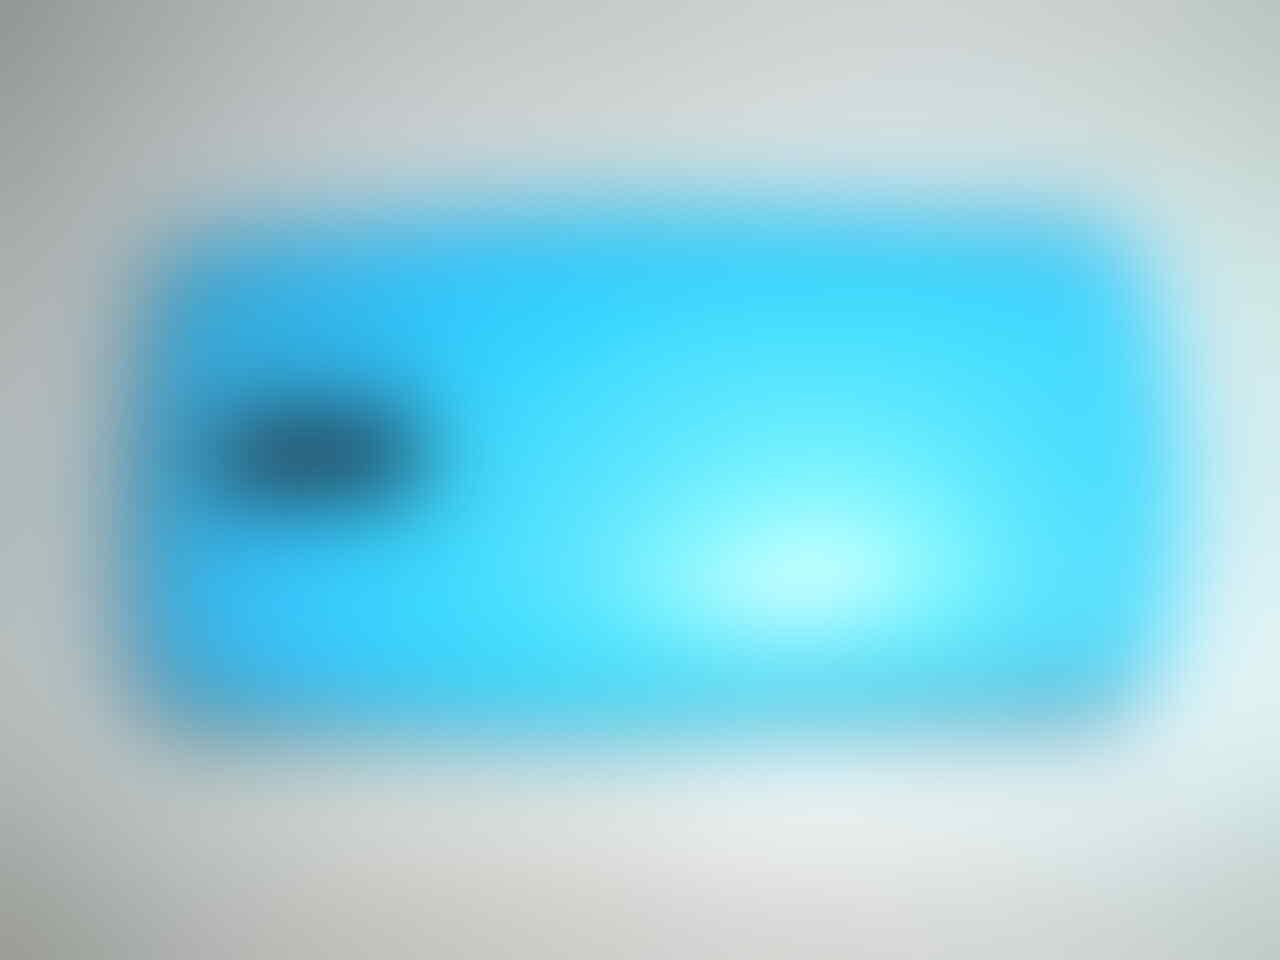 Nokia Asha 205 Fullset